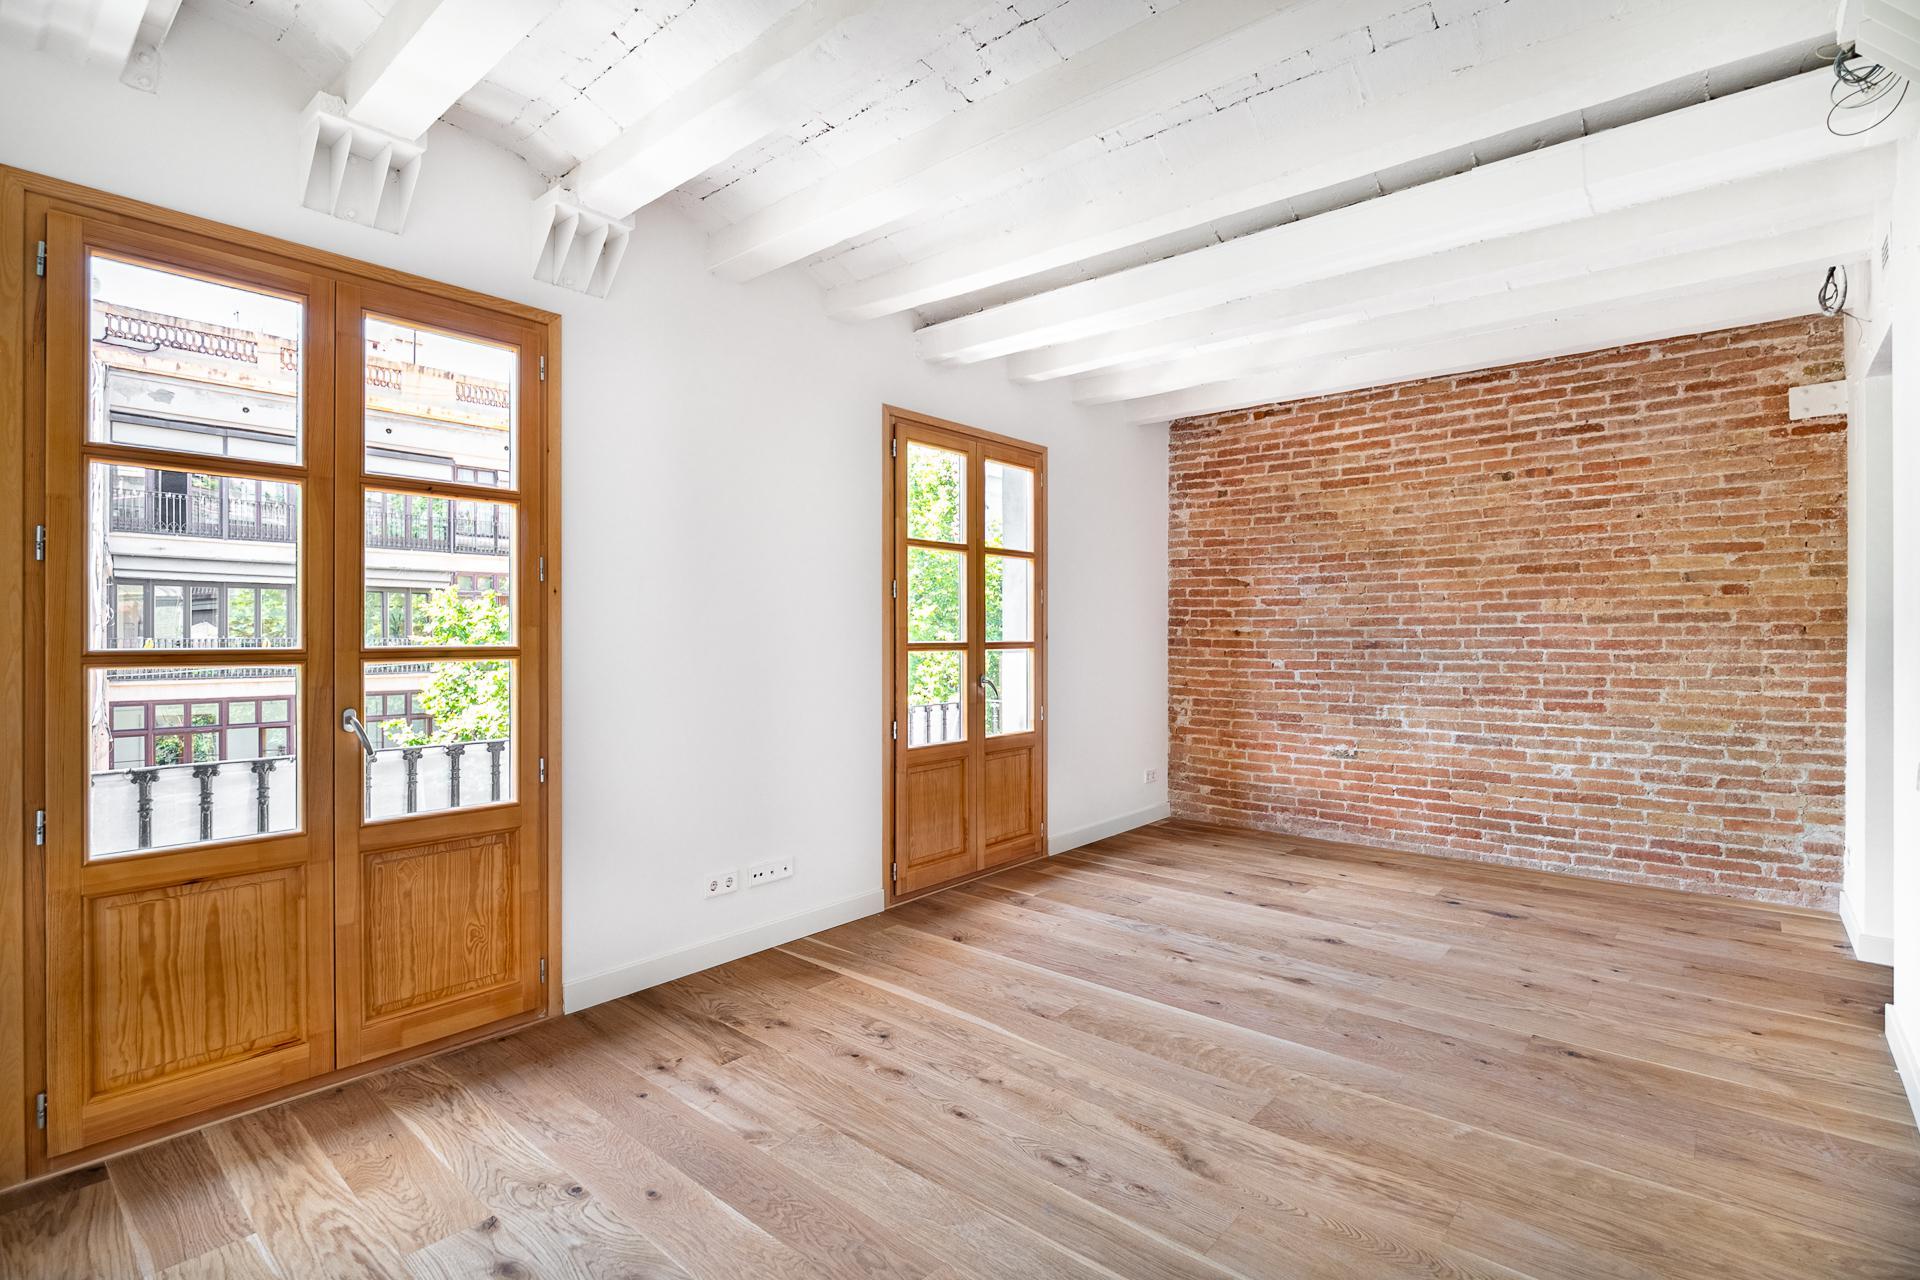 245902 Penthouse for sale in Ciutat Vella, St. Pere St. Caterina and La Ribera 6